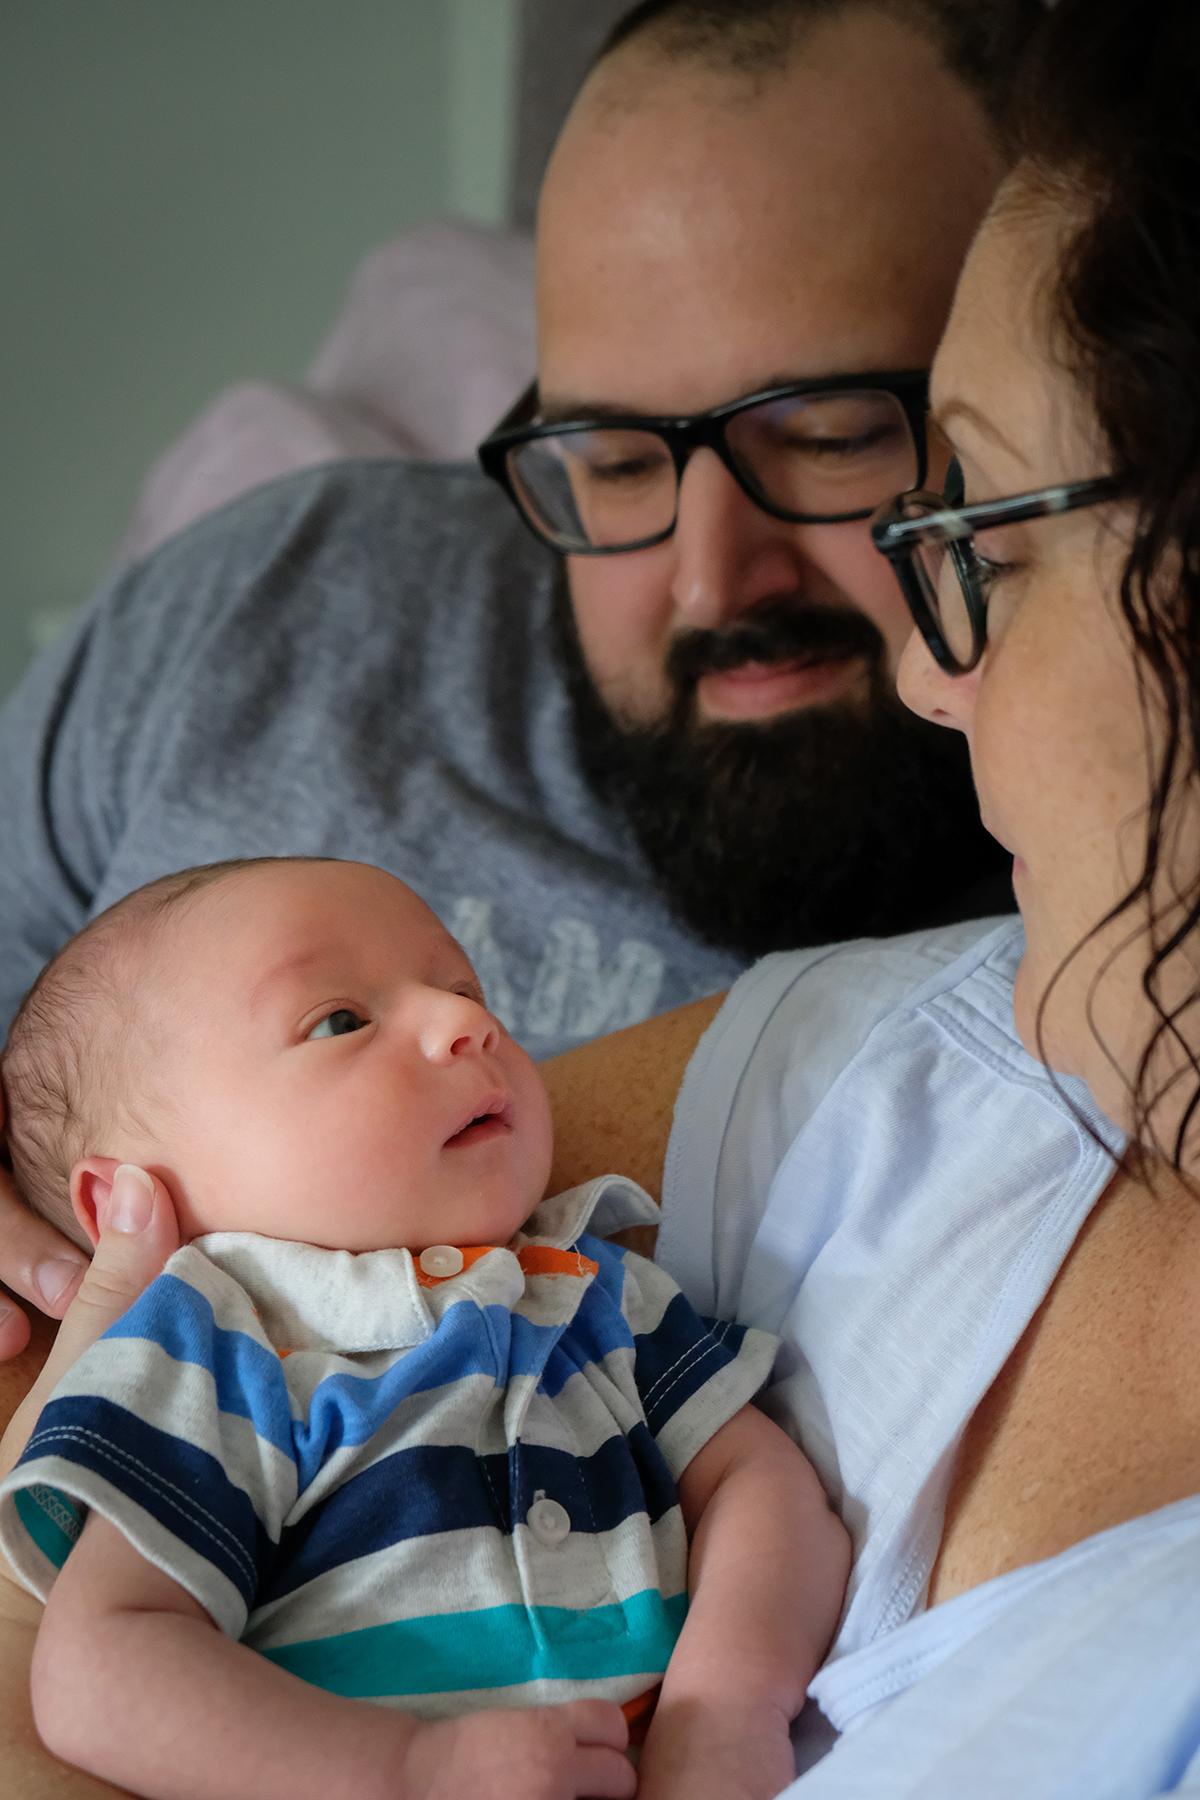 kitchener-waterloo-newborn-photography-3.jpg